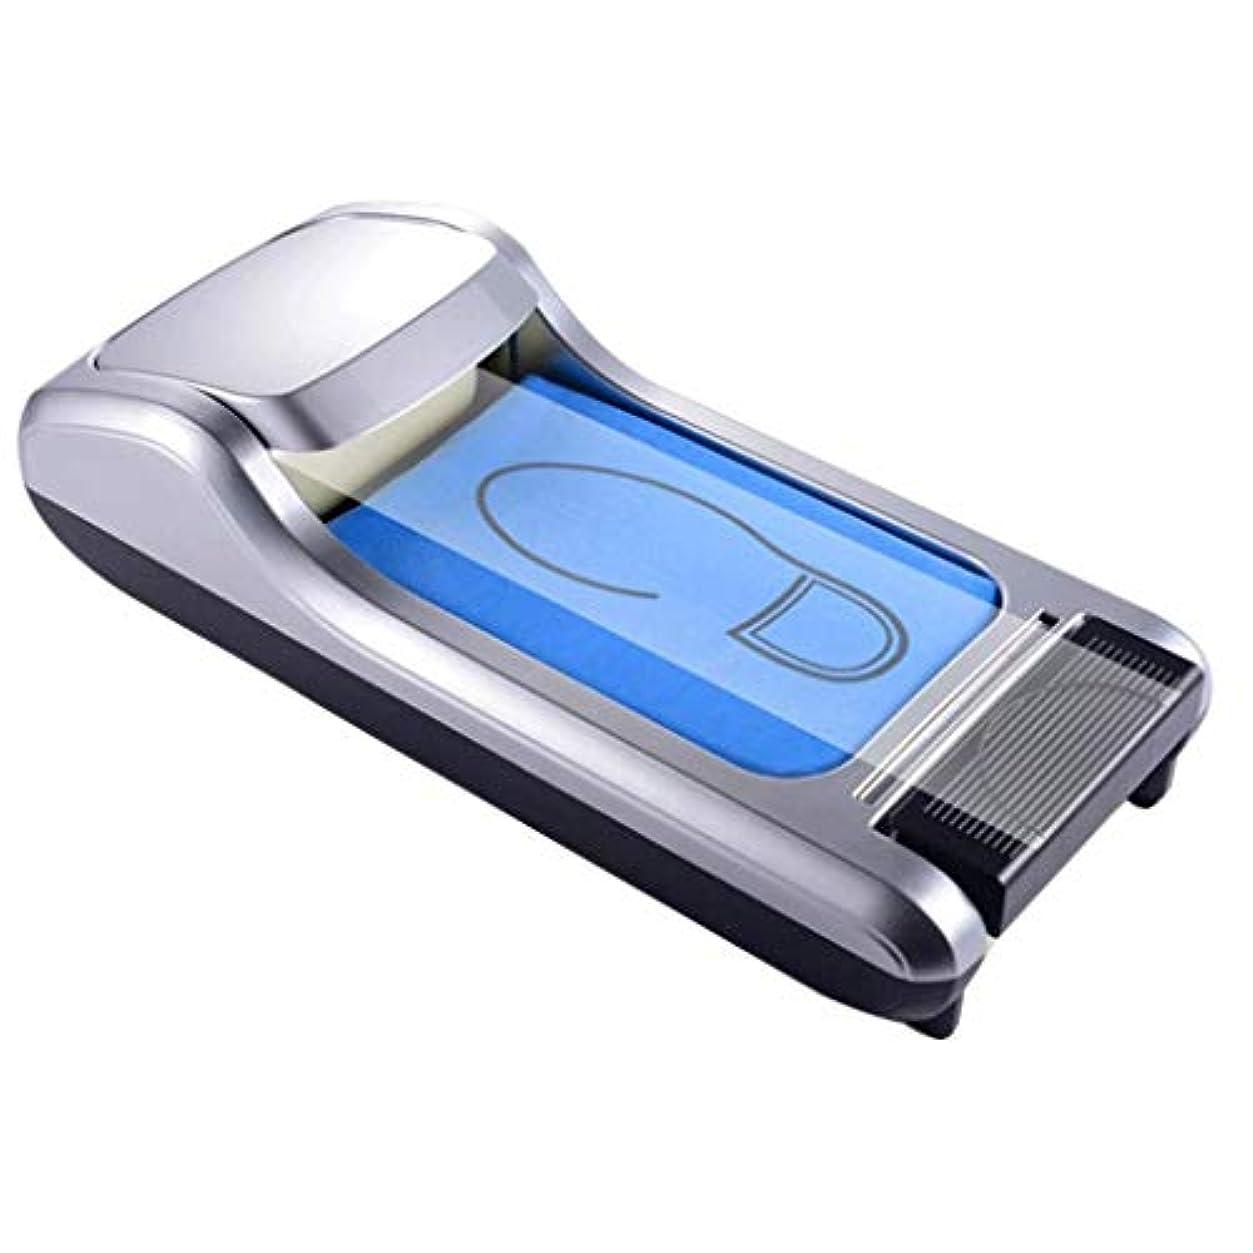 生き返らせる腰穴靴カバーマシンリビングルームホーム自動使い捨て靴フィルムマシン新スタイルオフィススマートフットカバーラミネート機 (Color : Silver)